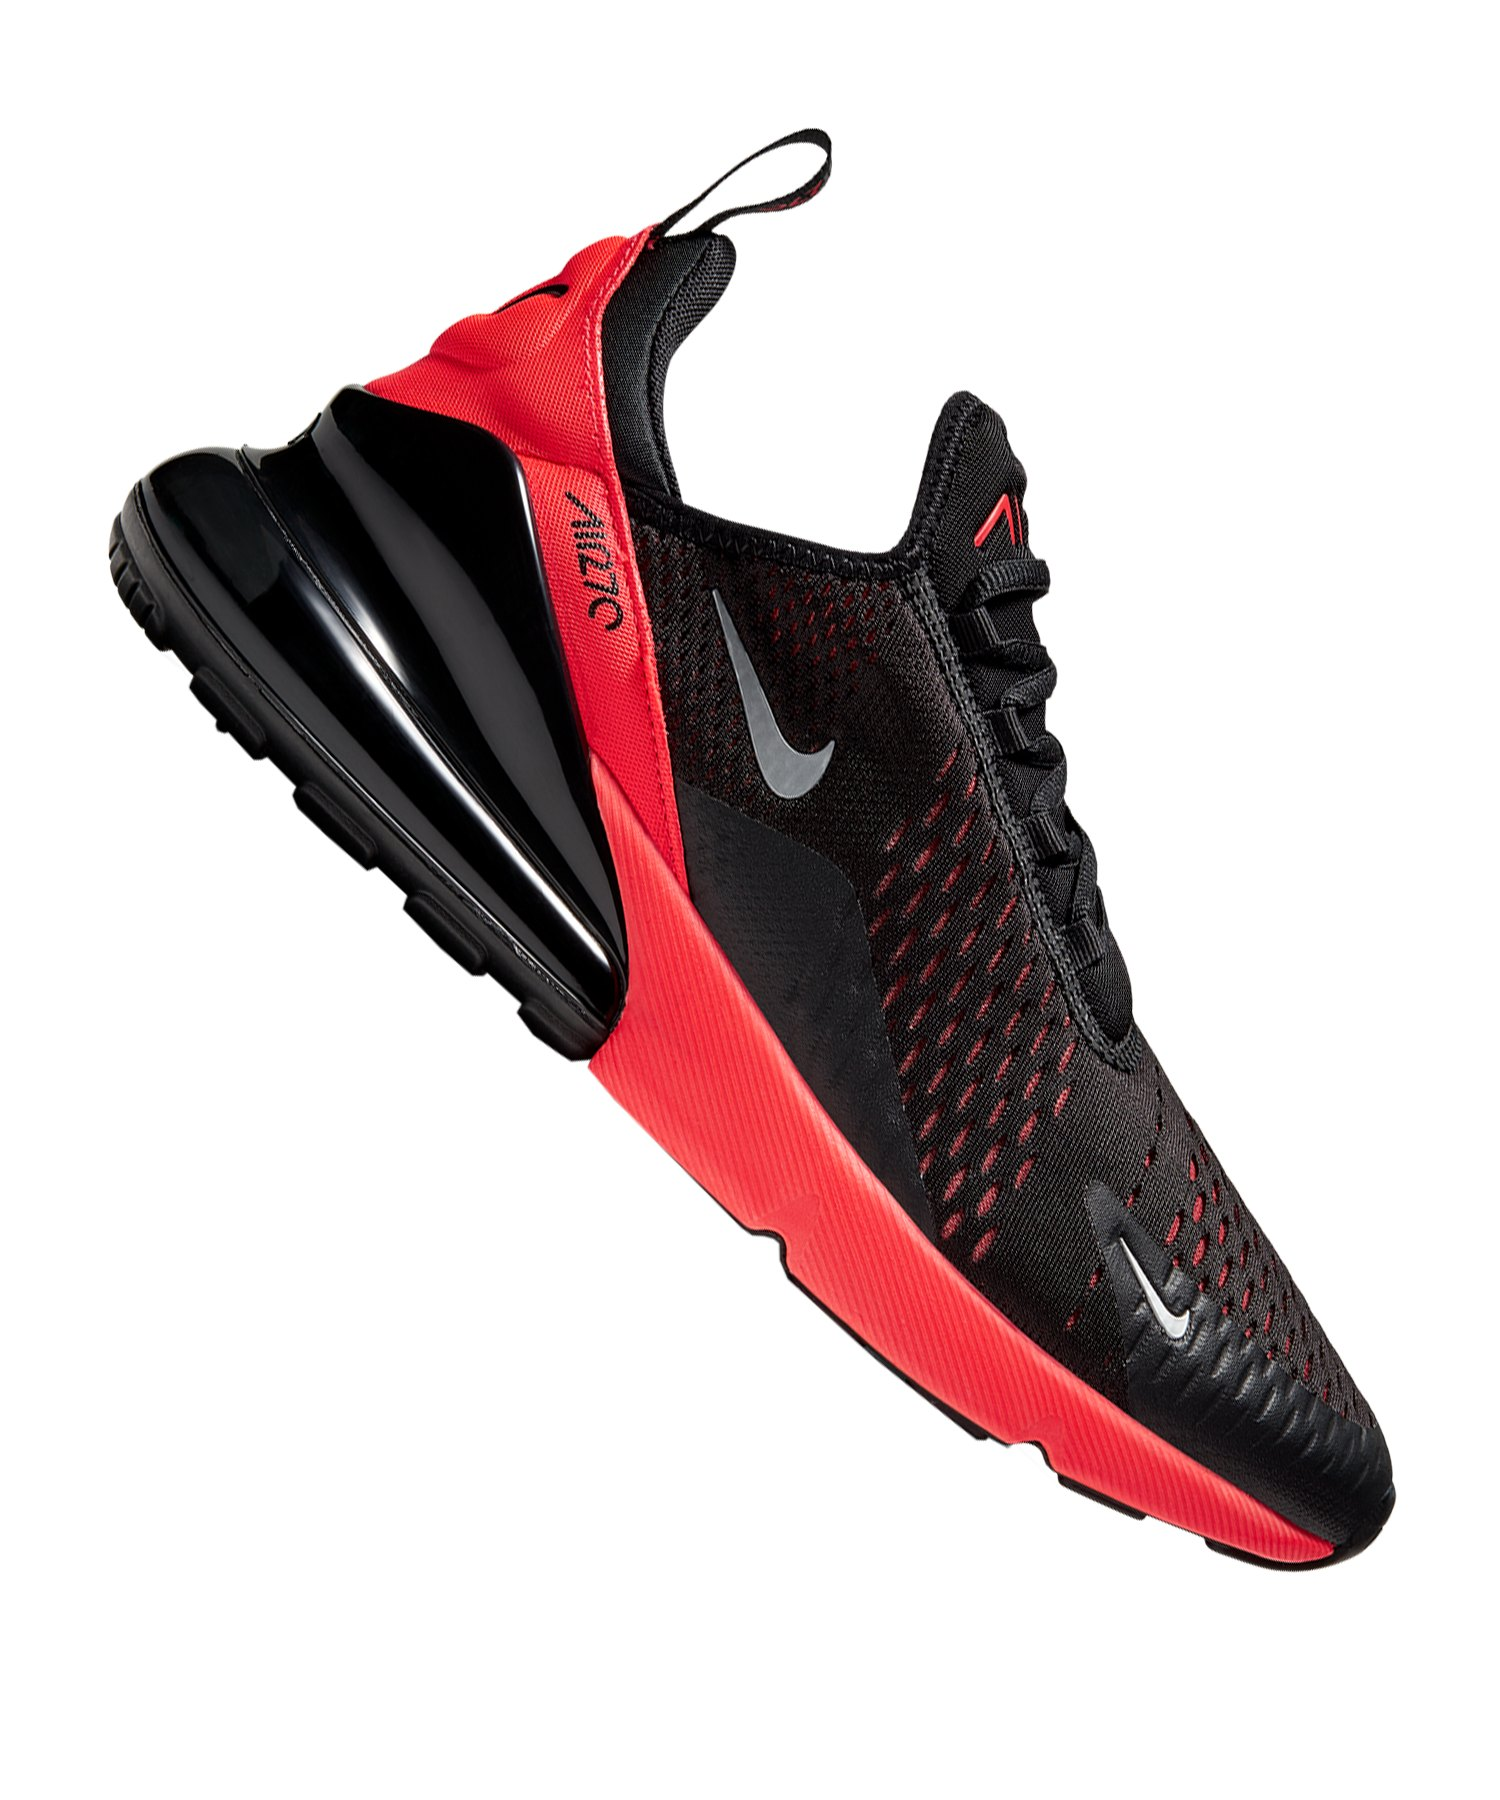 NIKE AIR MAX 270 Herren Sneaker schwarz rot AH8050 026 neu